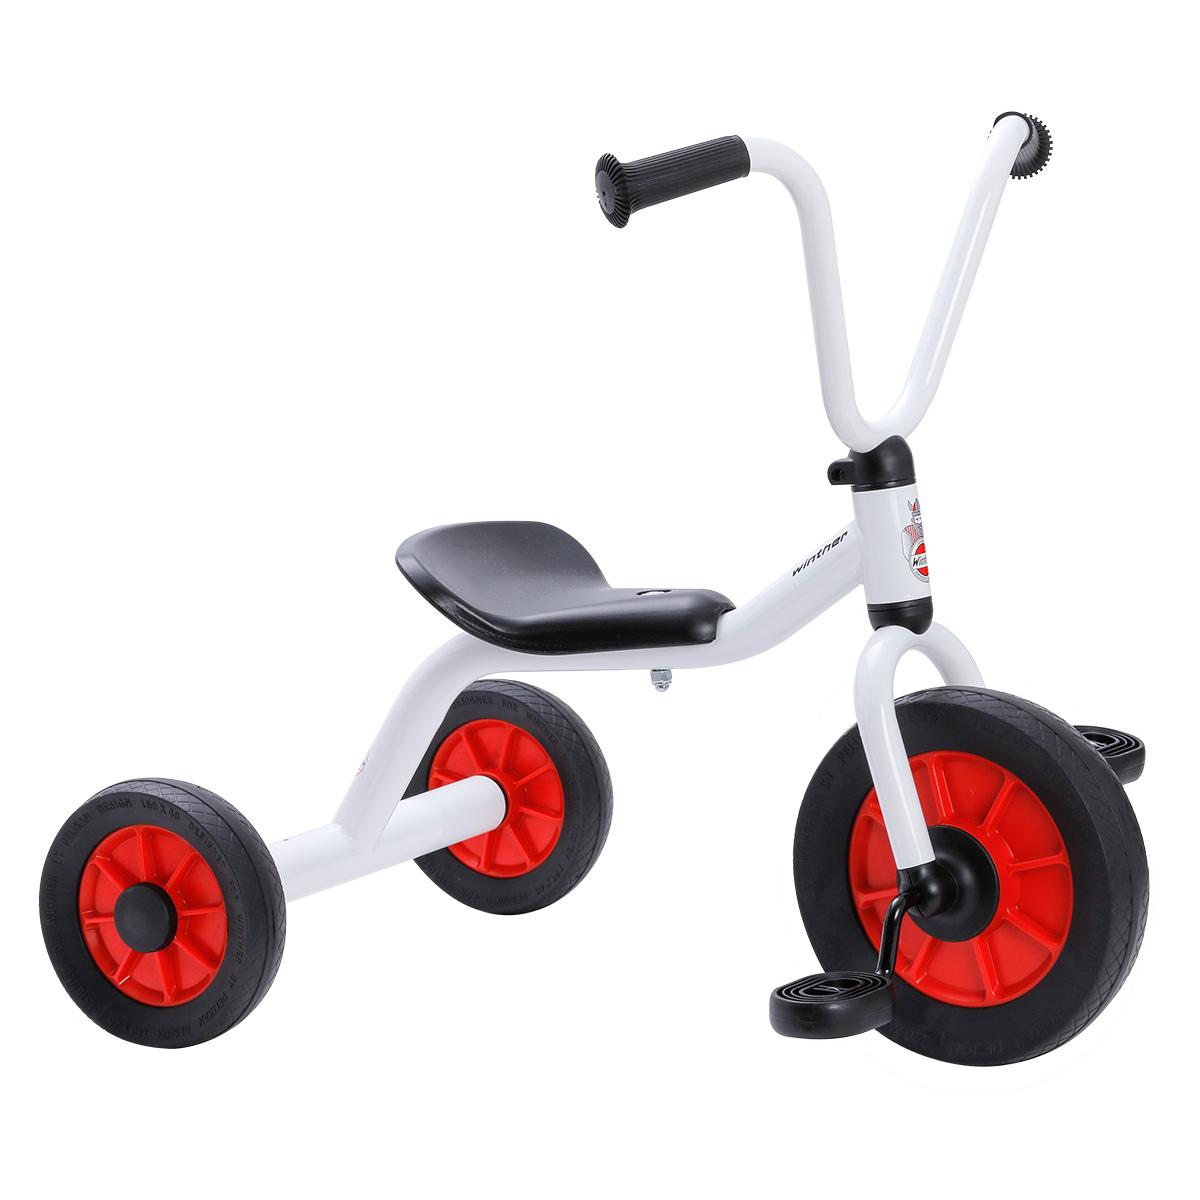 デンマーク生まれの三輪車 限定カラー発売のお知らせ